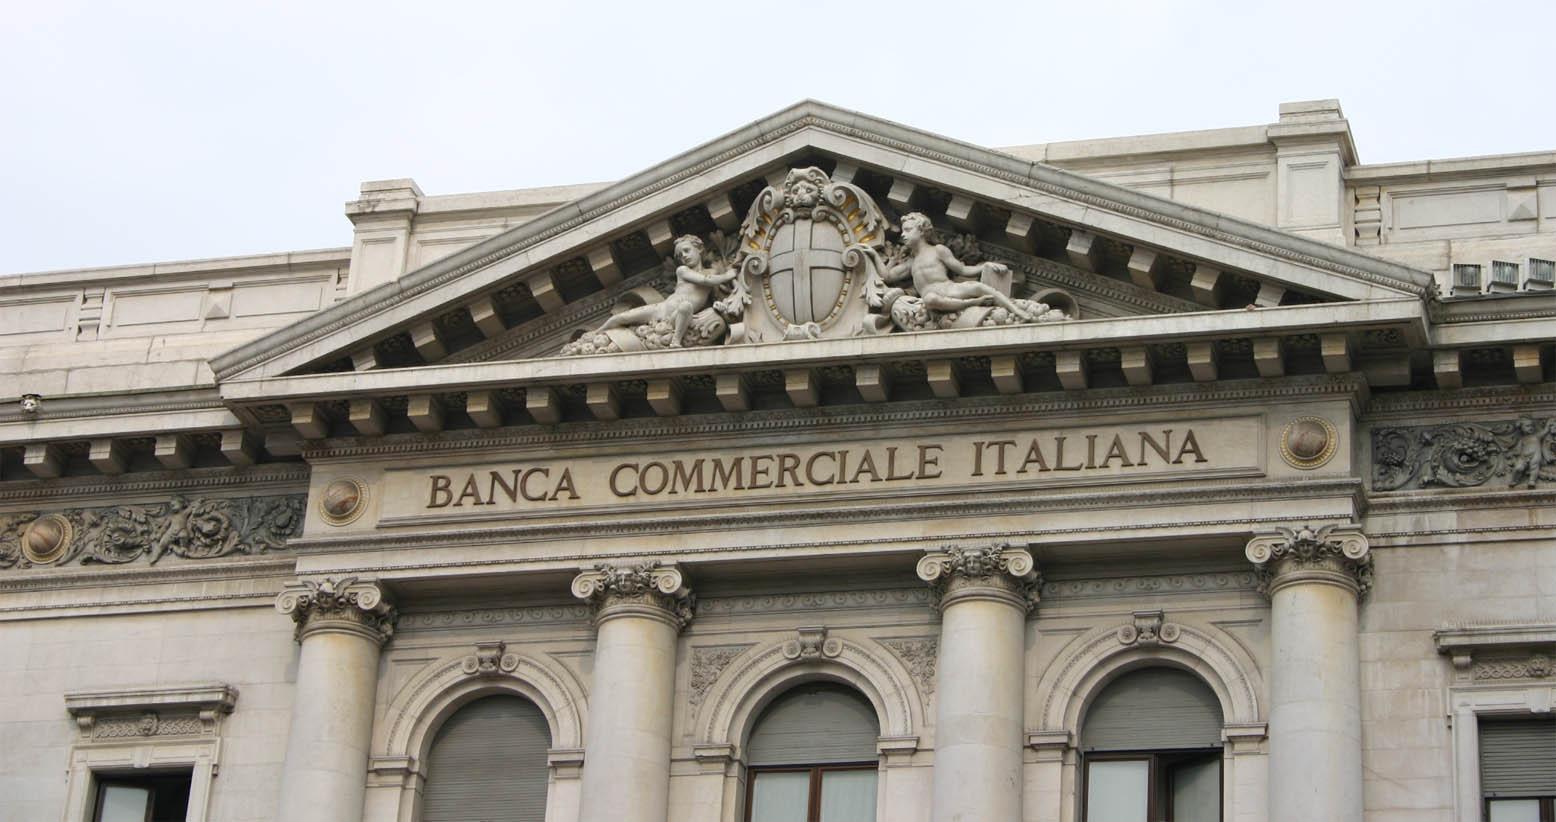 Banca Commerciale Italiana je še dandanes ena največjih italijanskih bank.